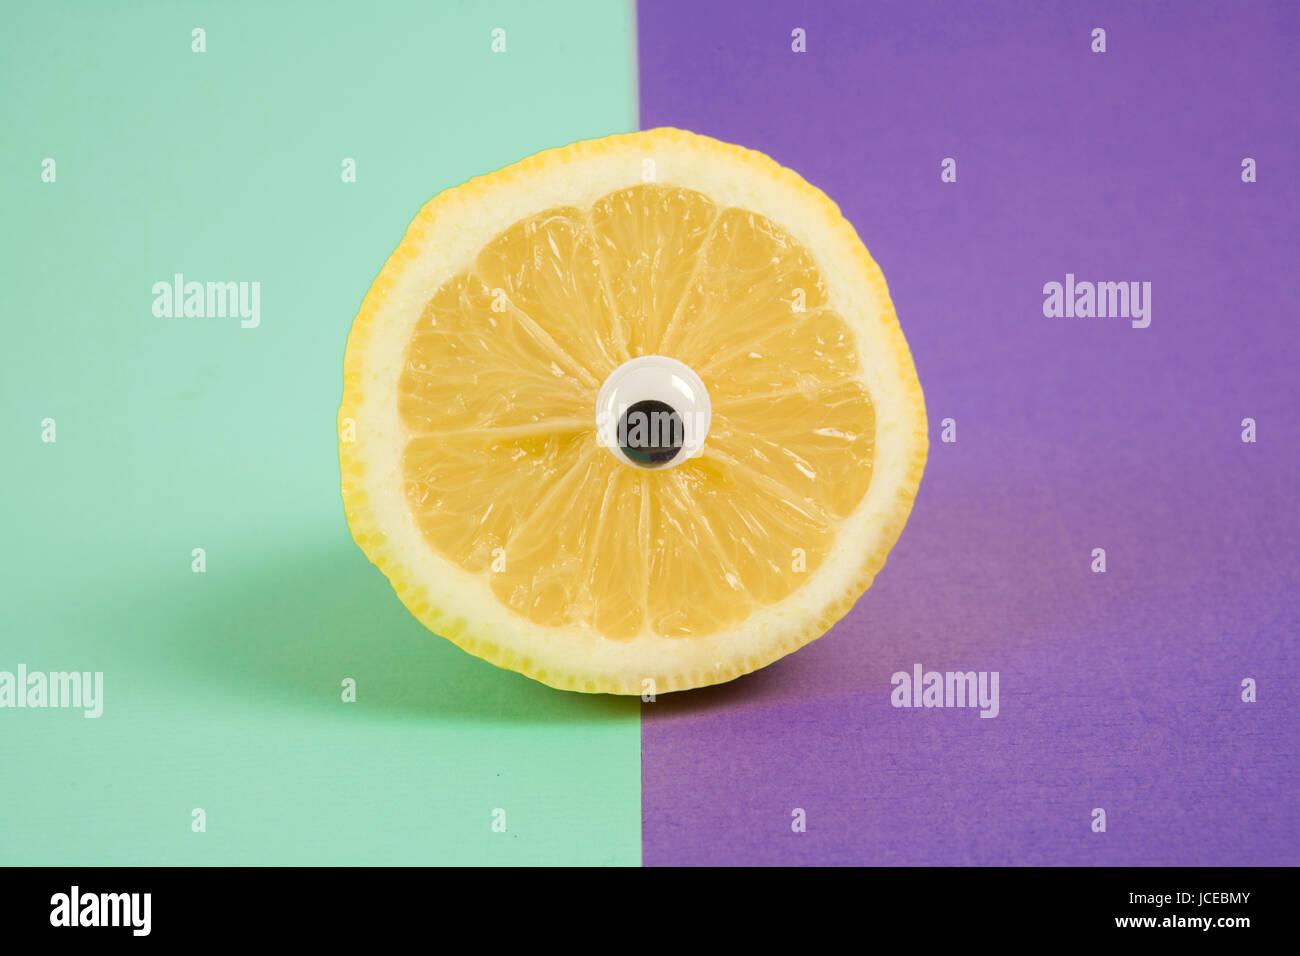 Minimale Still-Life Fotografie. Eine Zitrone halbieren und tragen Puppenaugen wie ein Cyclop. Pop-Bi farbigen Hintergrund: Stockbild